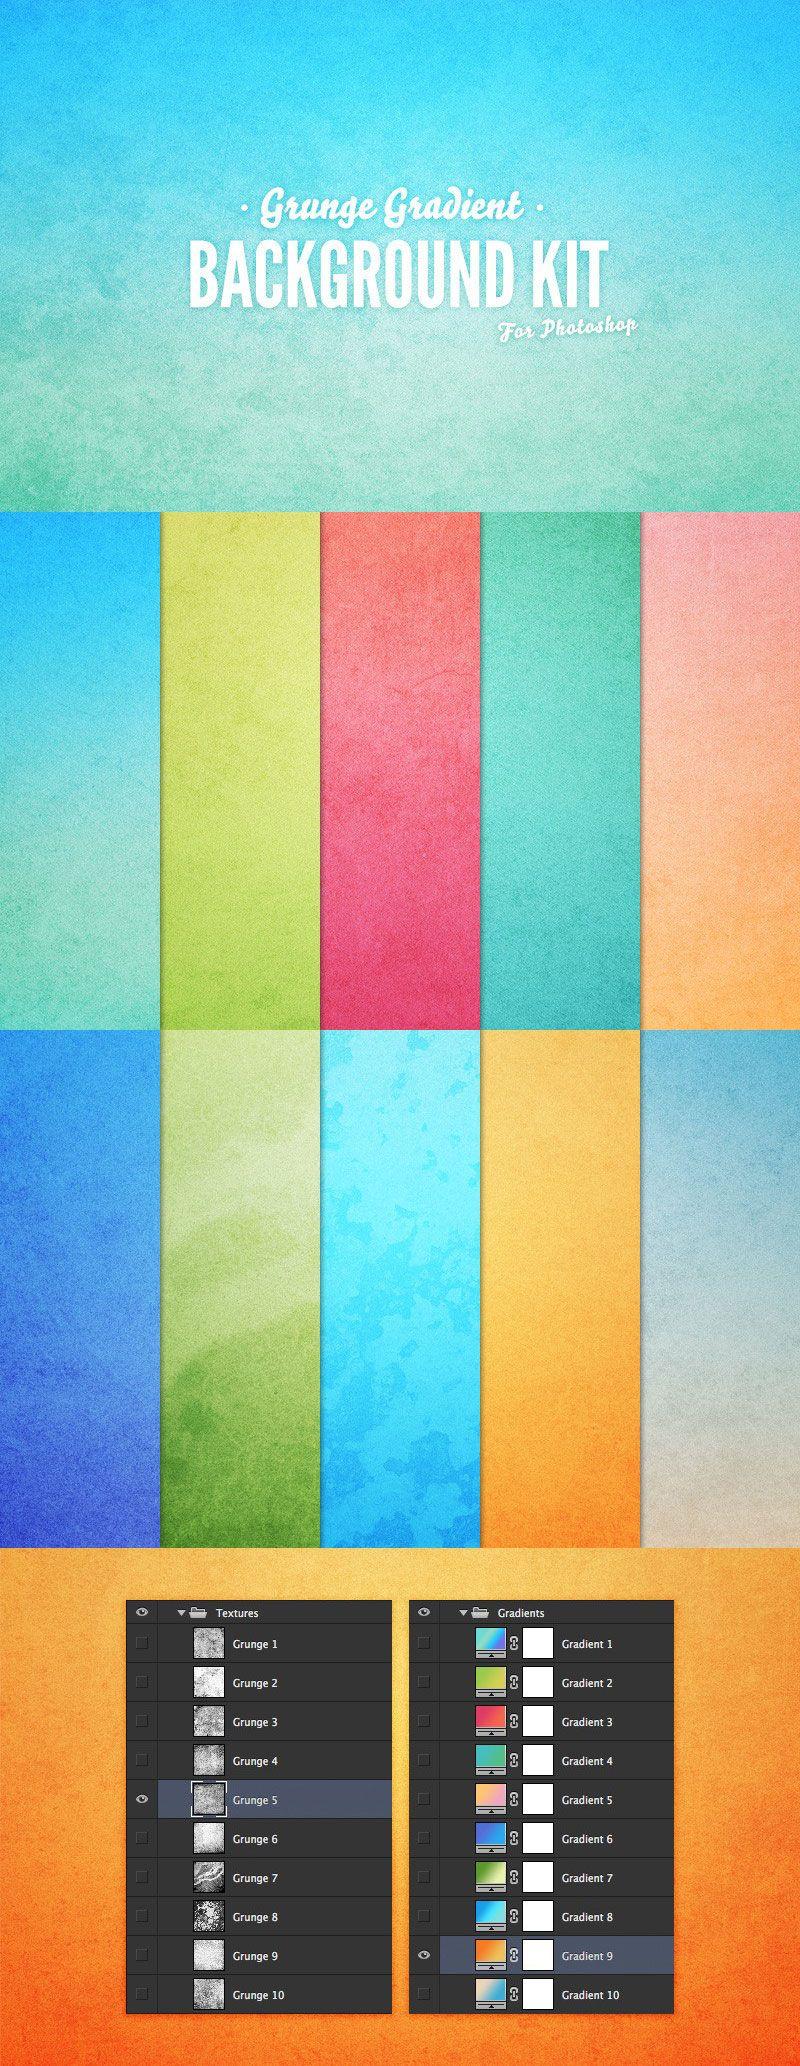 Grunge Gradient Background Kit design, Graphic